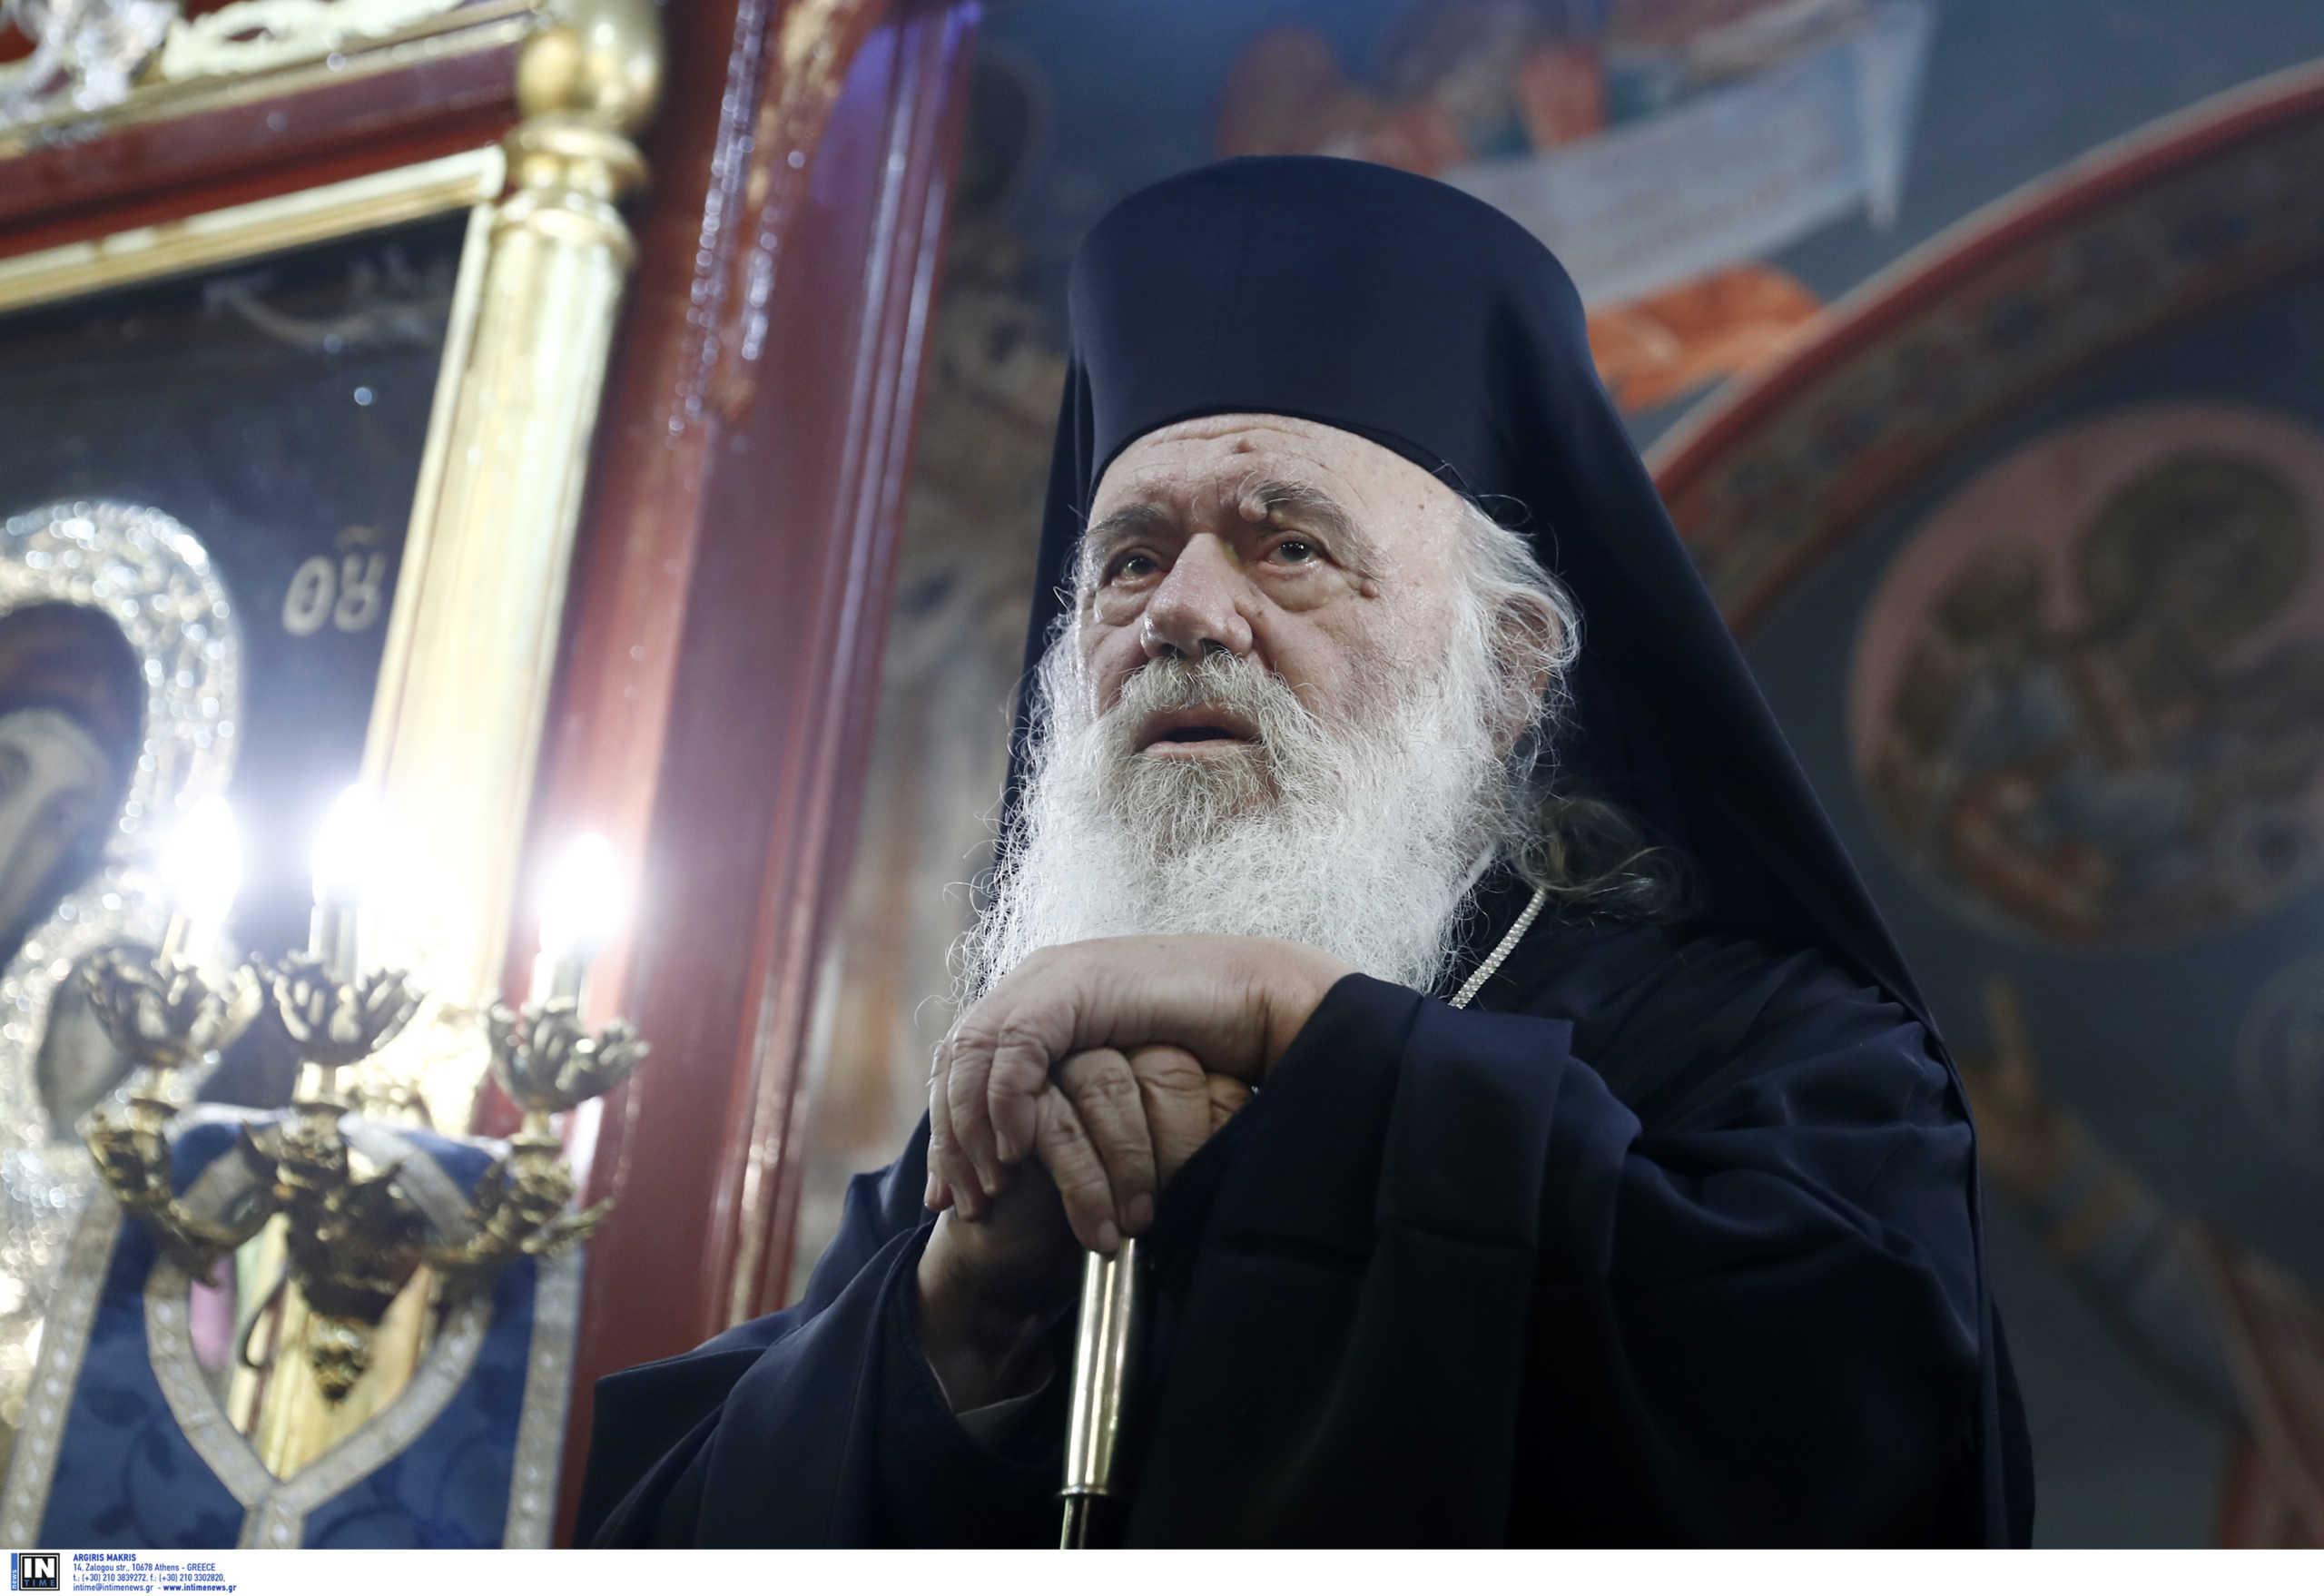 Ιερώνυμος από Καστανιές: Θα έπρεπε να είναι εδώ οι φίλοι μας οι Ευρωπαίοι